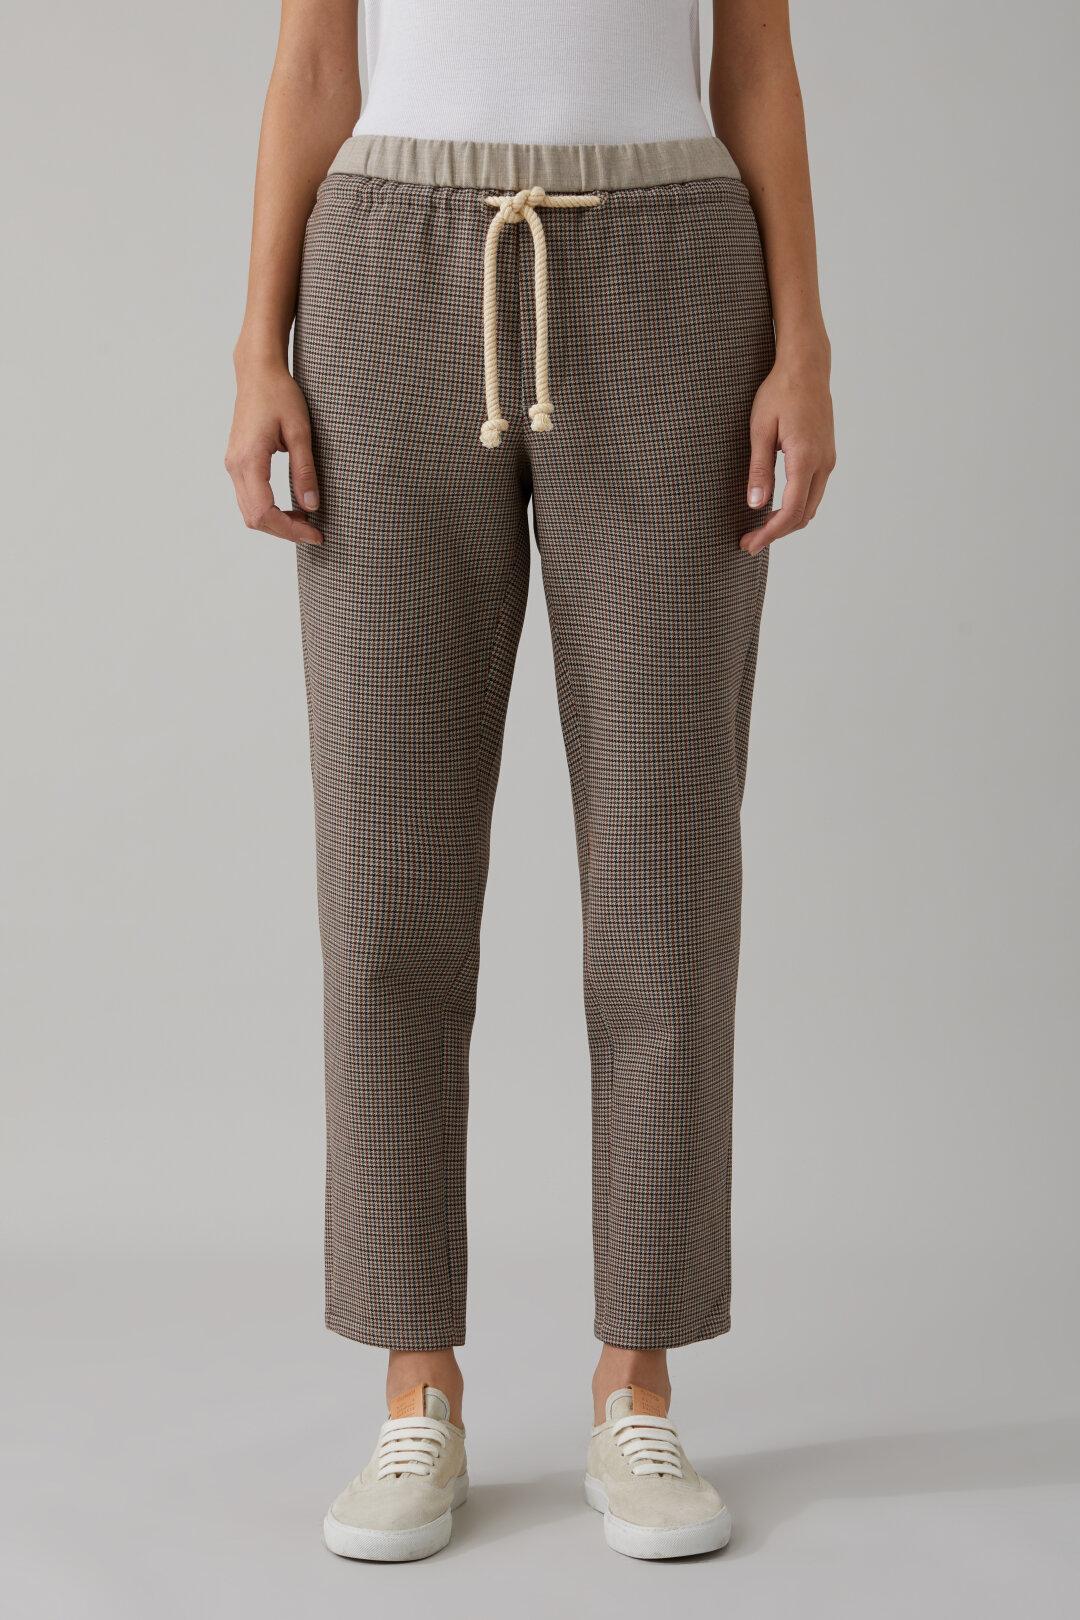 Pantalon Blanch